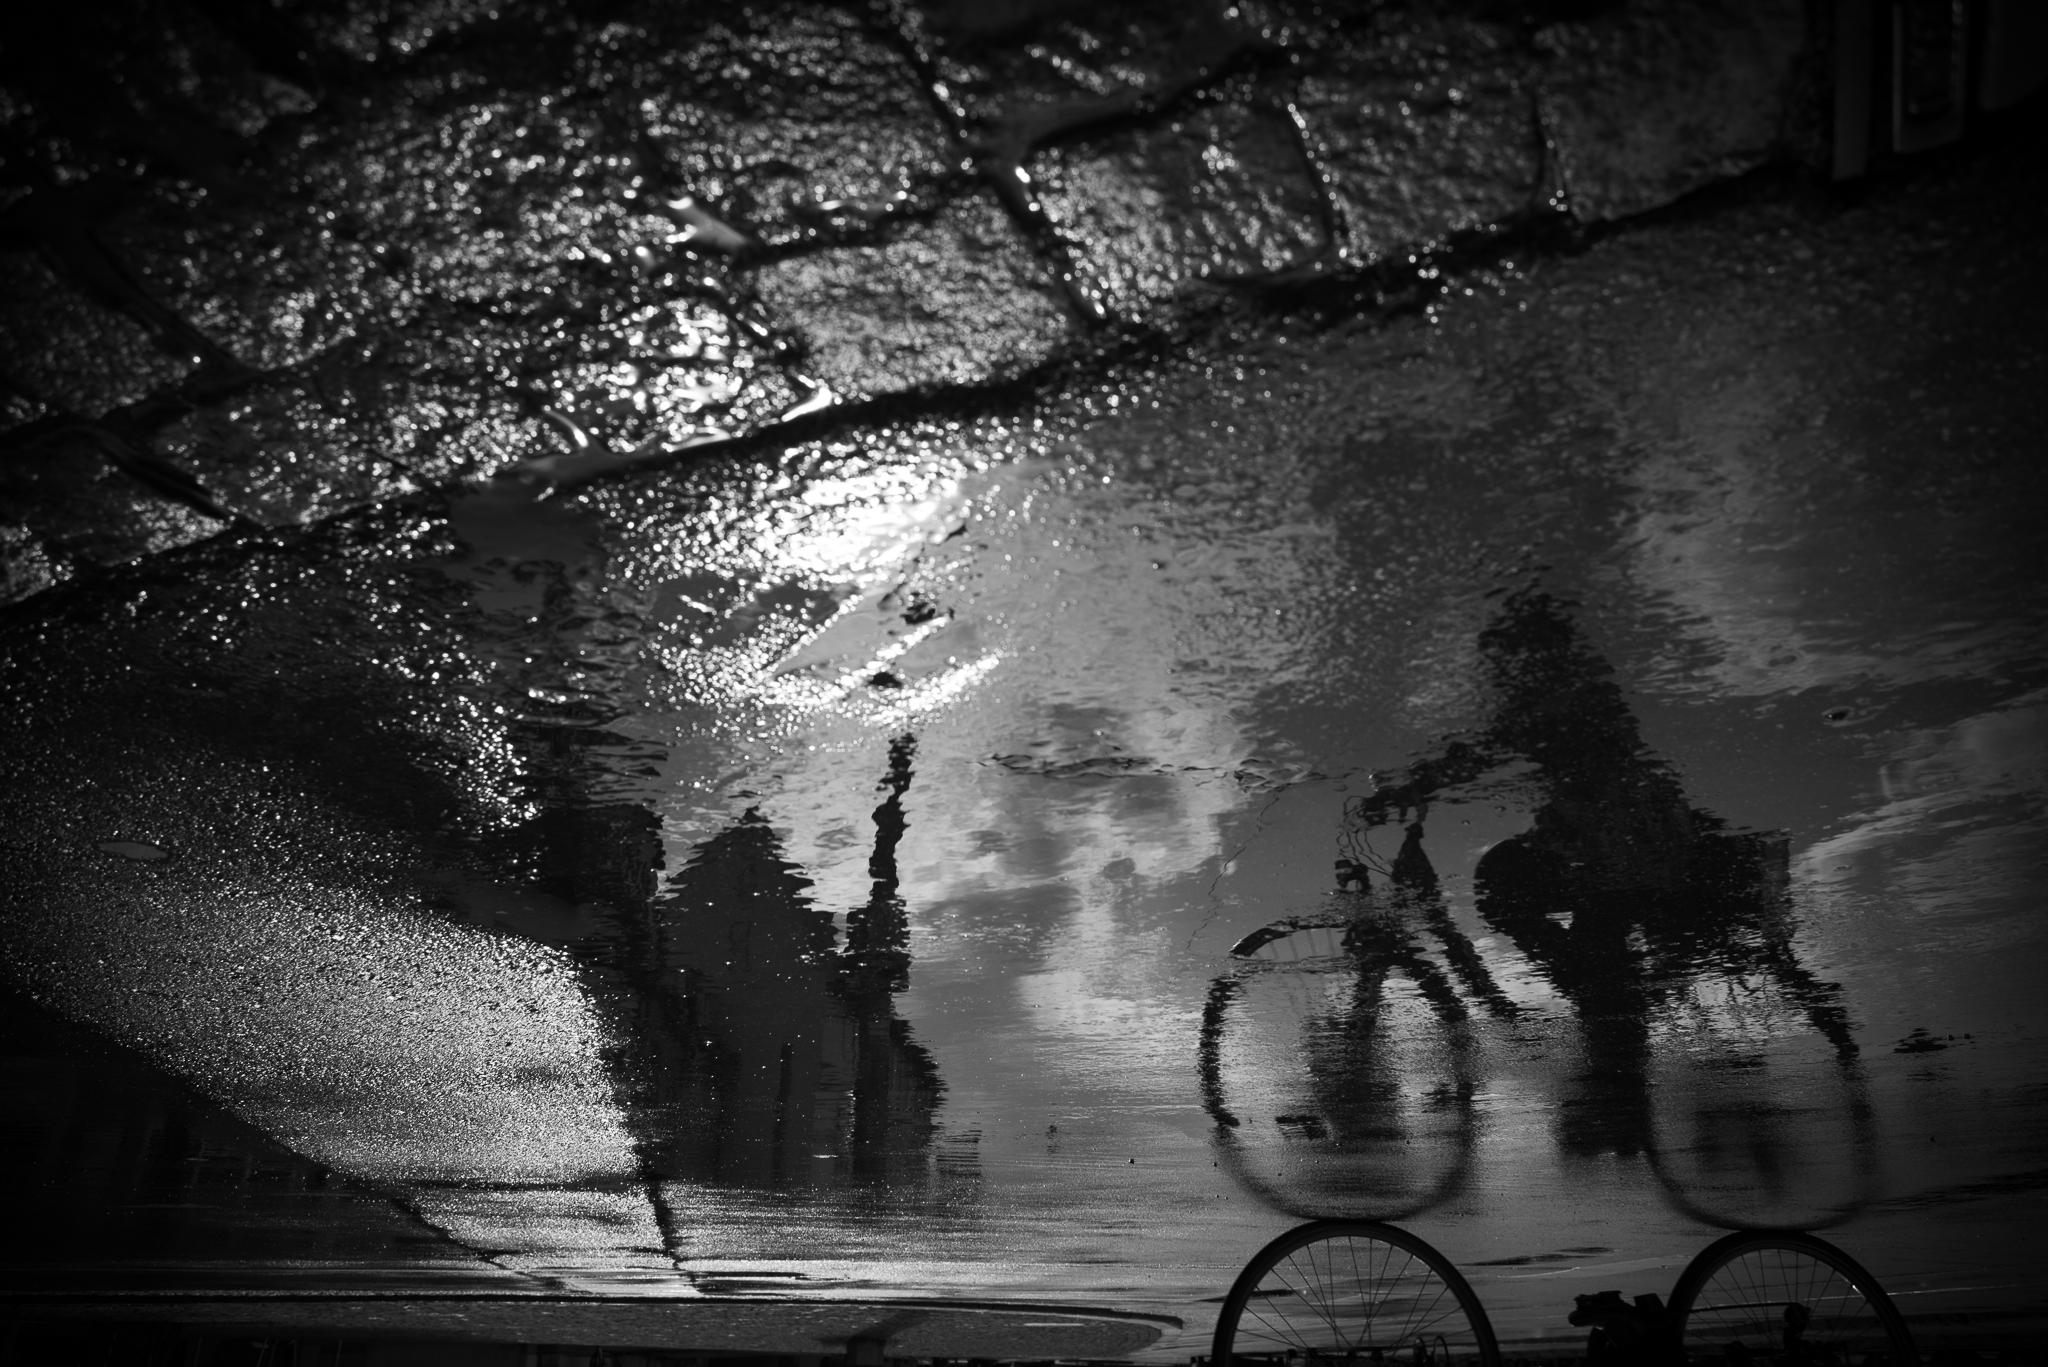 Stilleben Erfurt hintergrundbilder schwarz einfarbig nacht wasser fahrrad